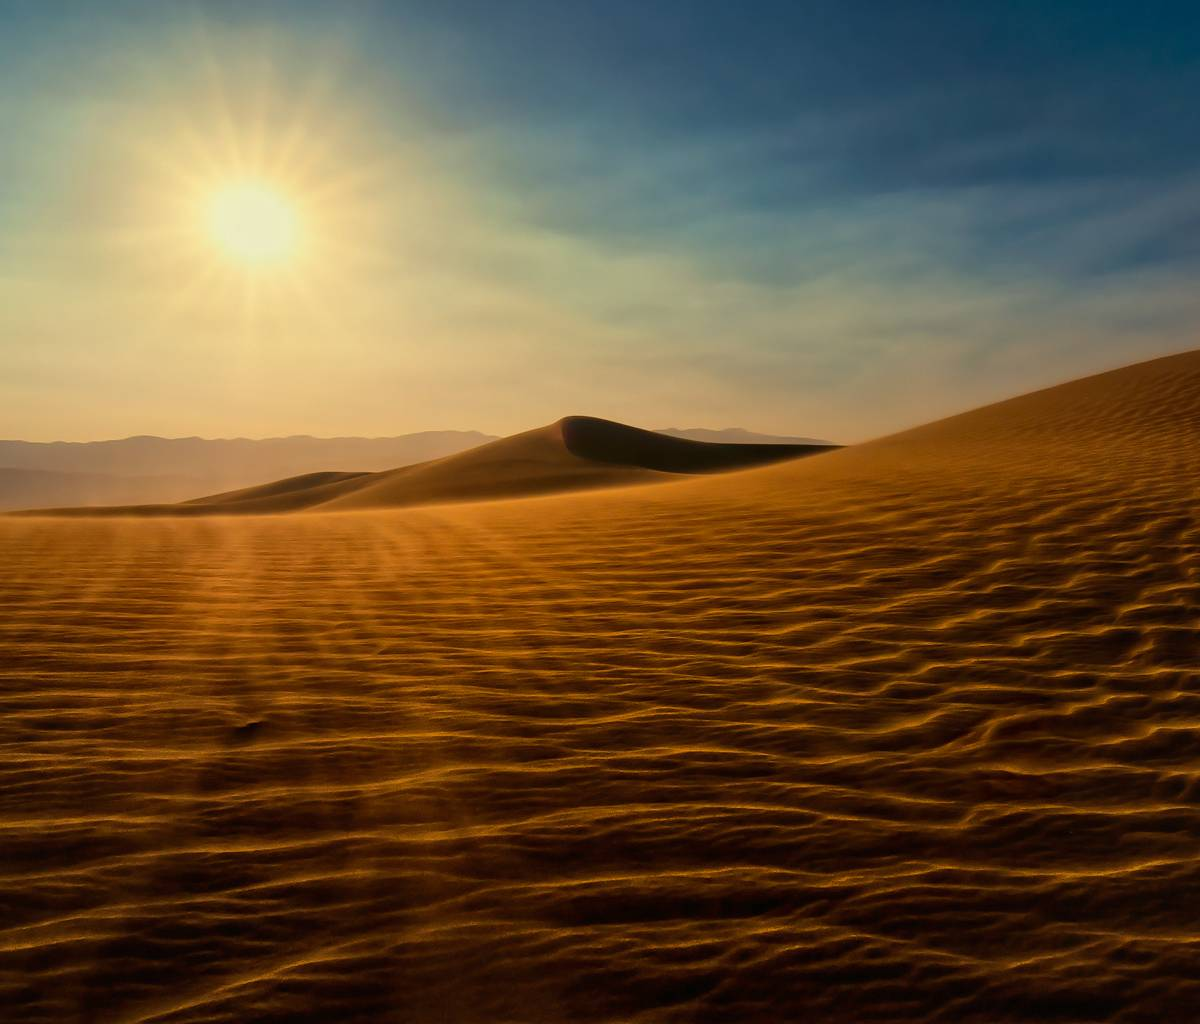 Desert Hd